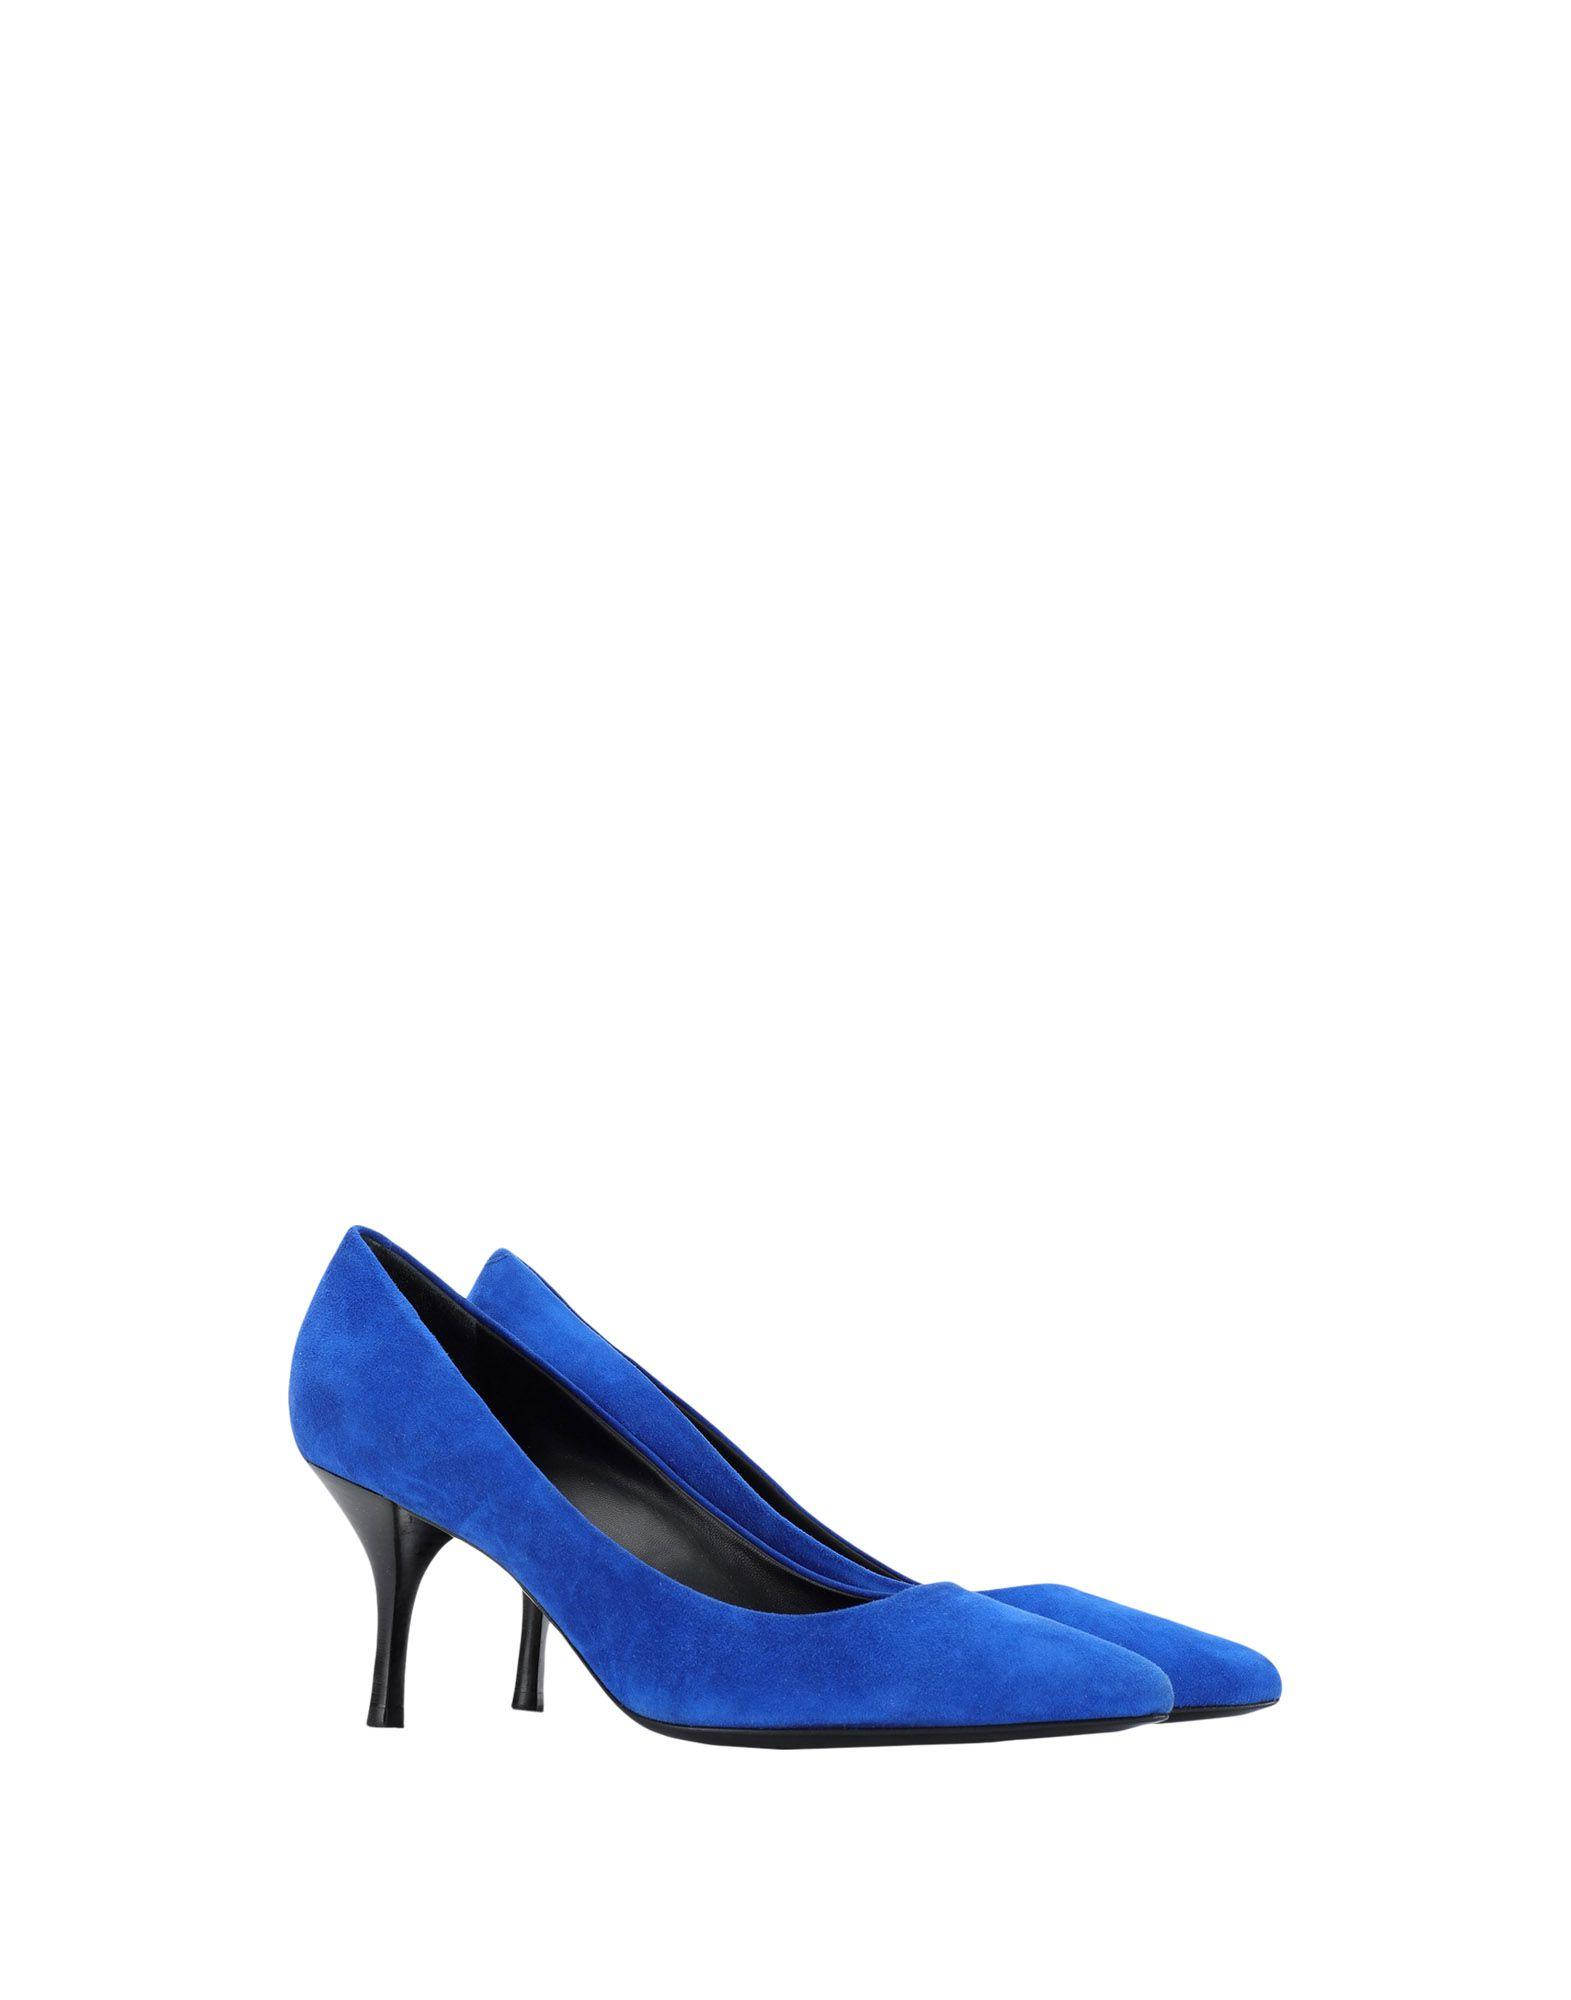 Rabatt Schuhe Giuseppe Zanotti Pumps 11073156MH Damen  11073156MH Pumps 0c6156